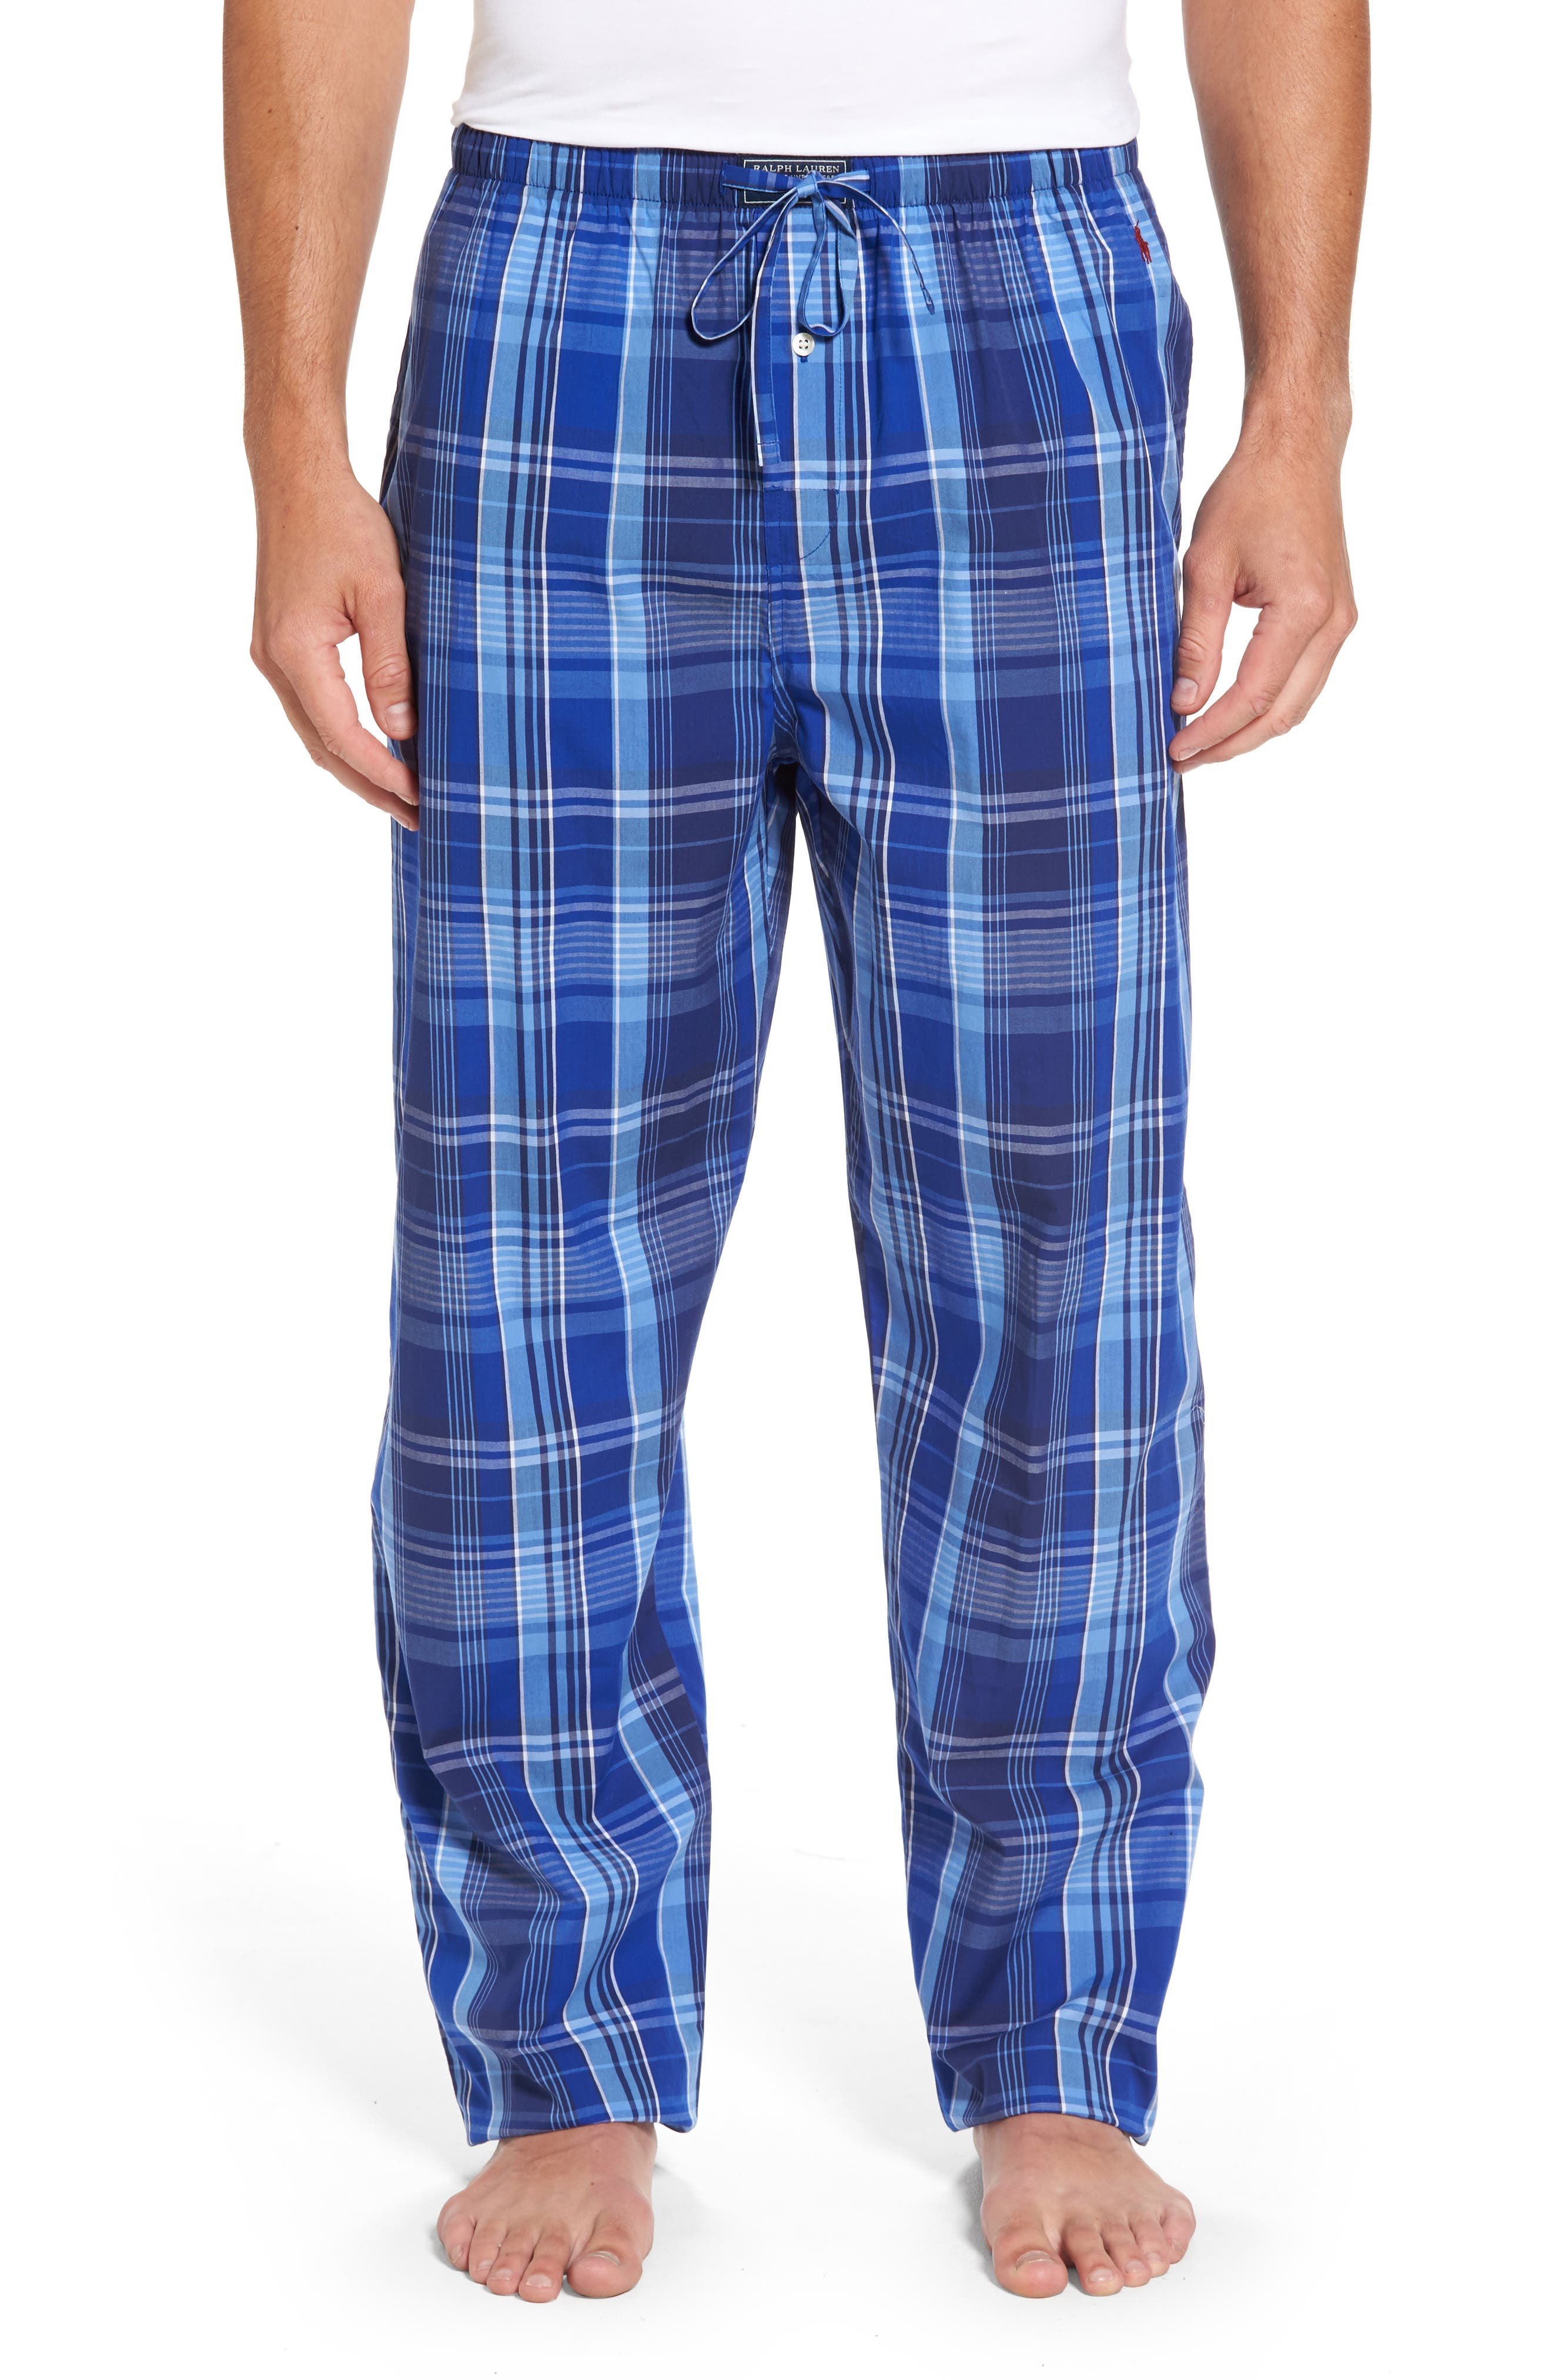 Cotton Lounge Pants,                             Main thumbnail 1, color,                             406